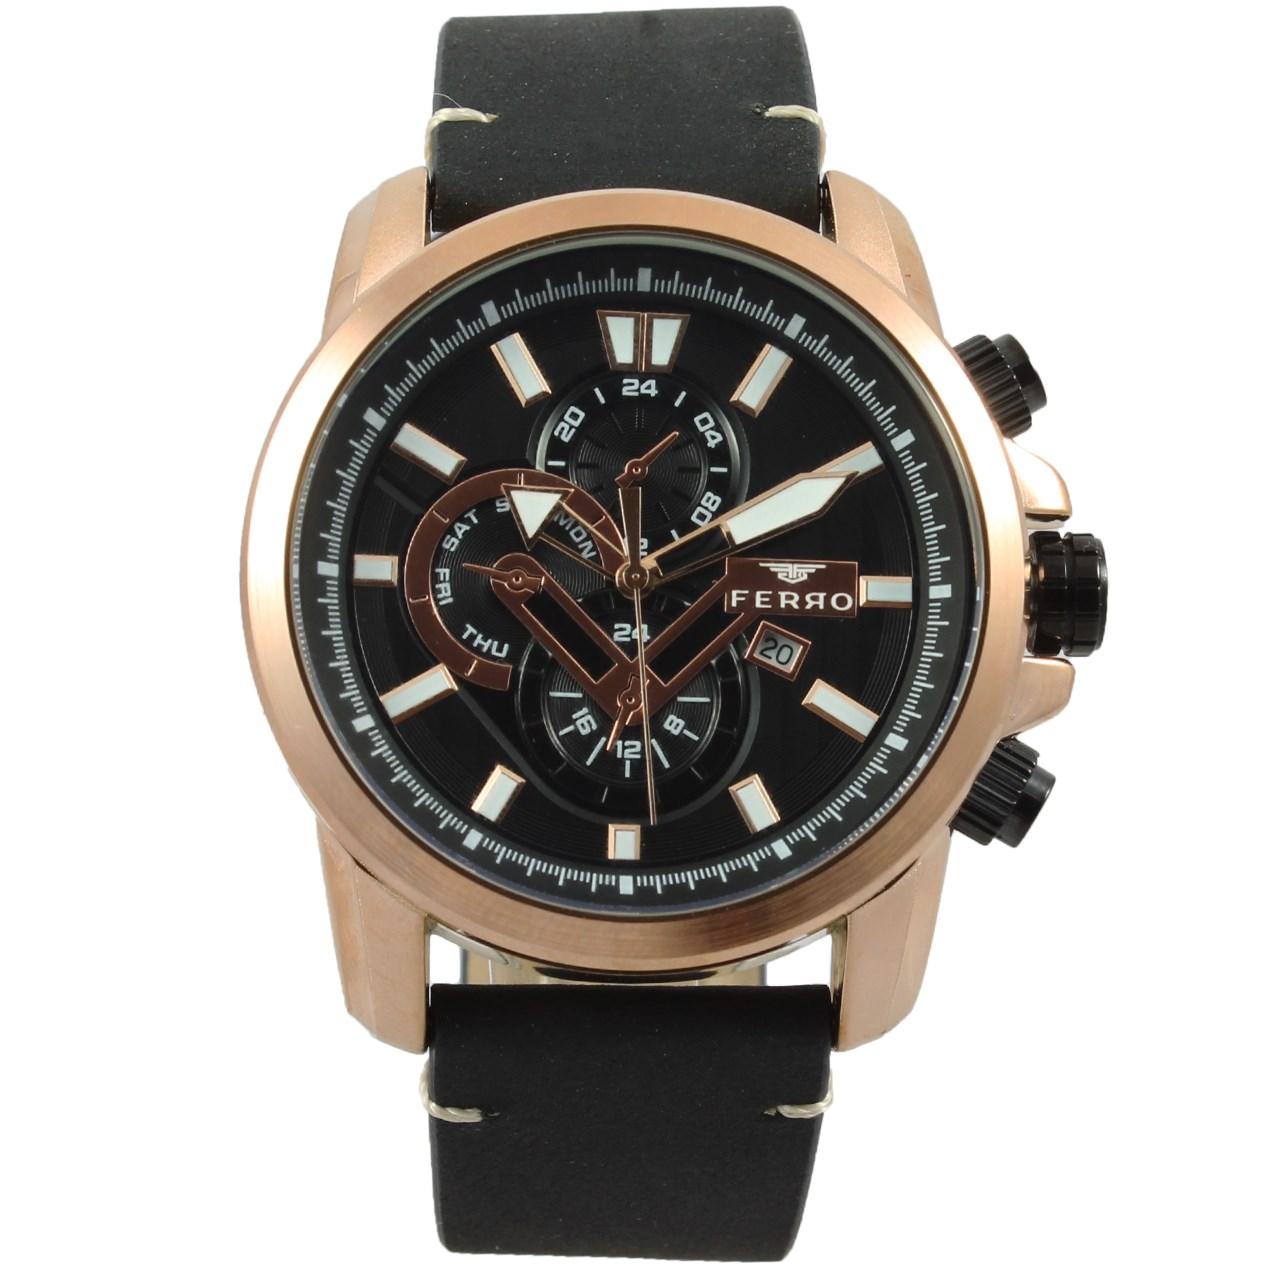 ساعت مچی عقربه ای مردانه فرو مدل F61518-593-C